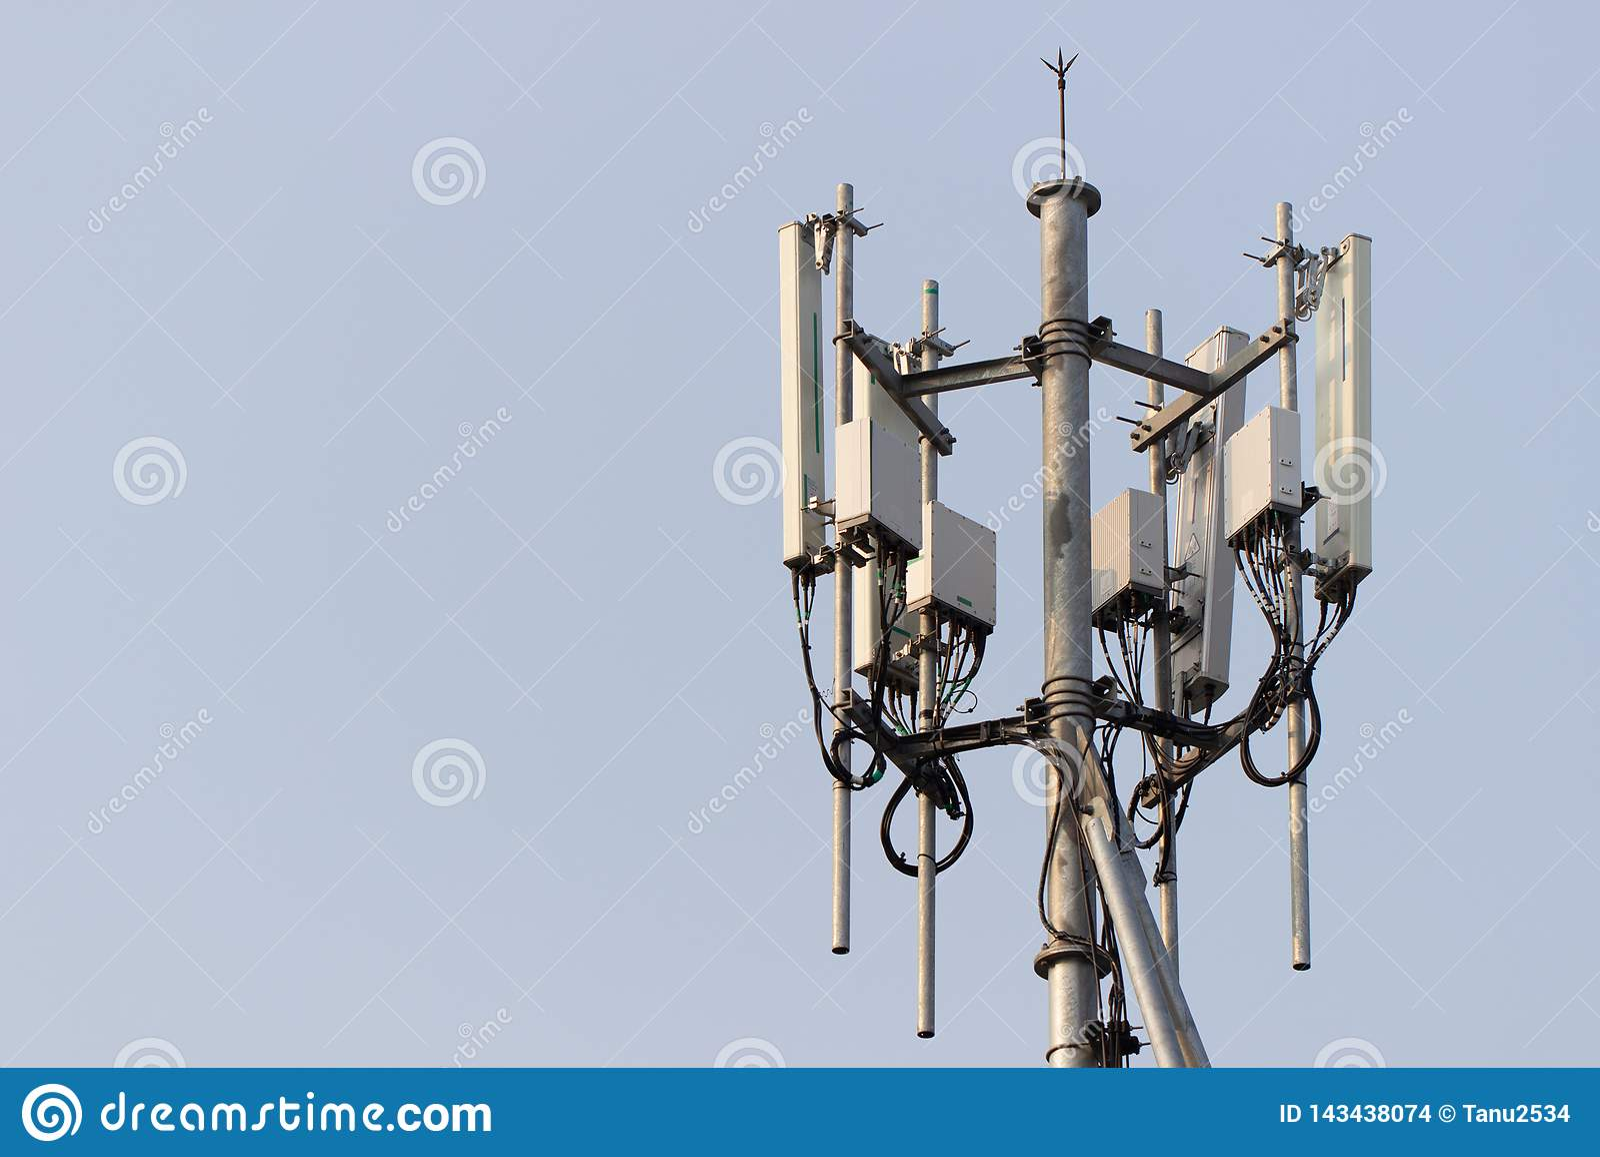 Mobilfunksenderturm